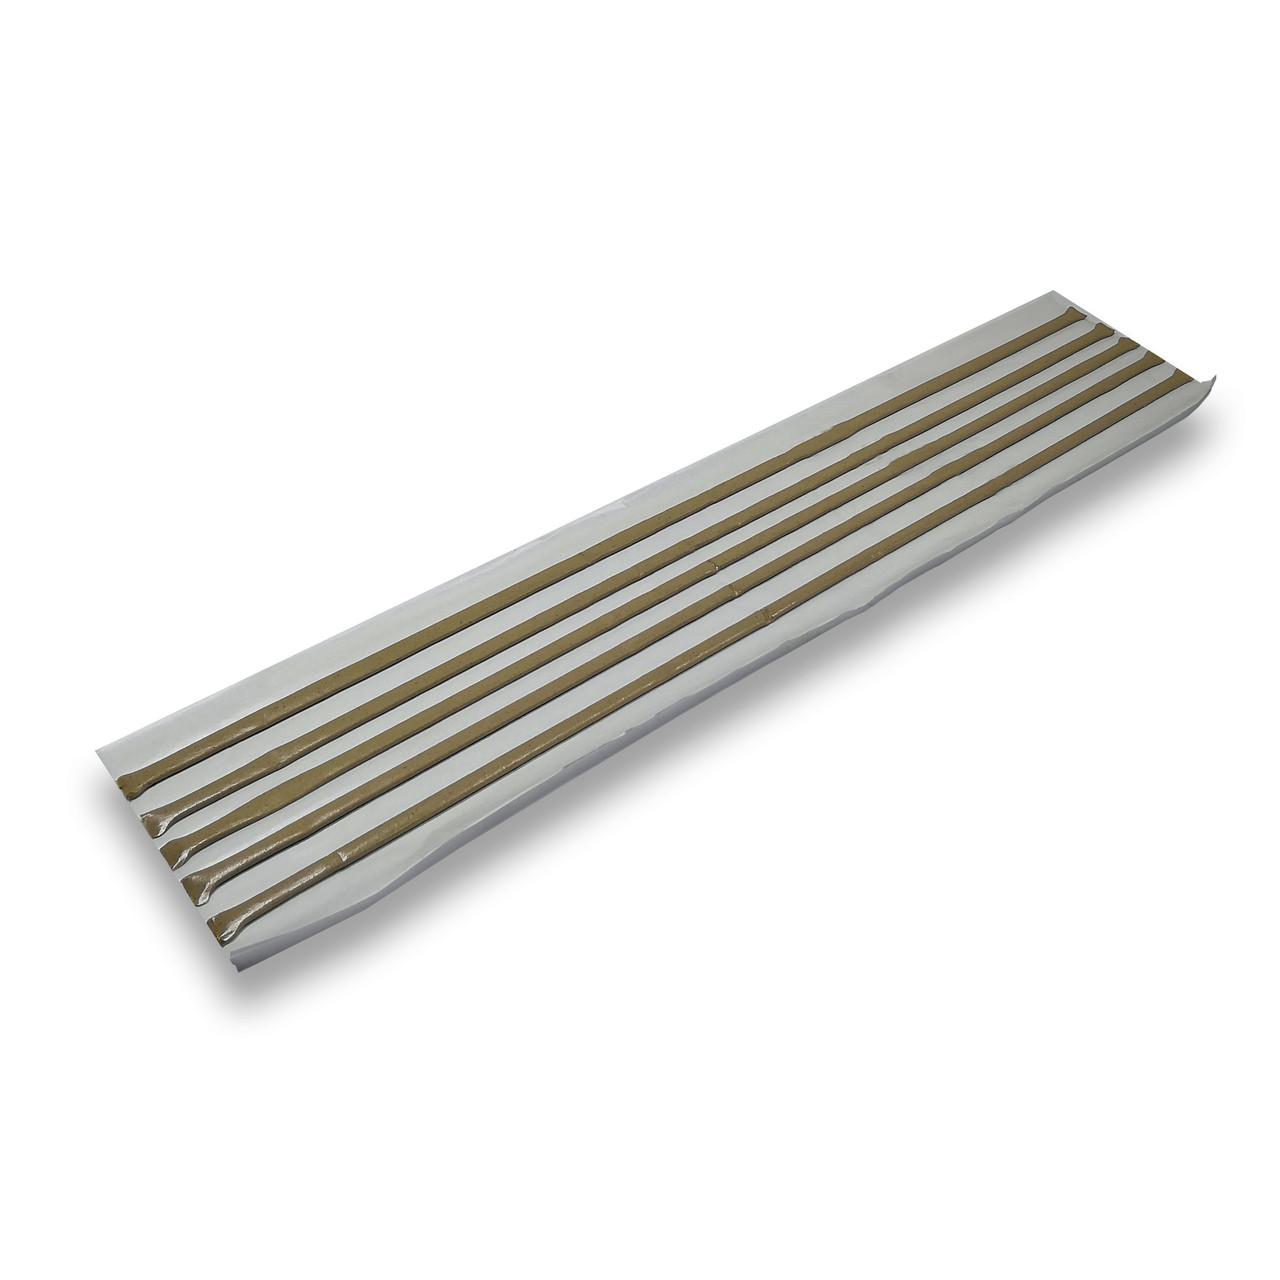 Герметизирующий шнур Ø 5 мм х 2,5 м серый